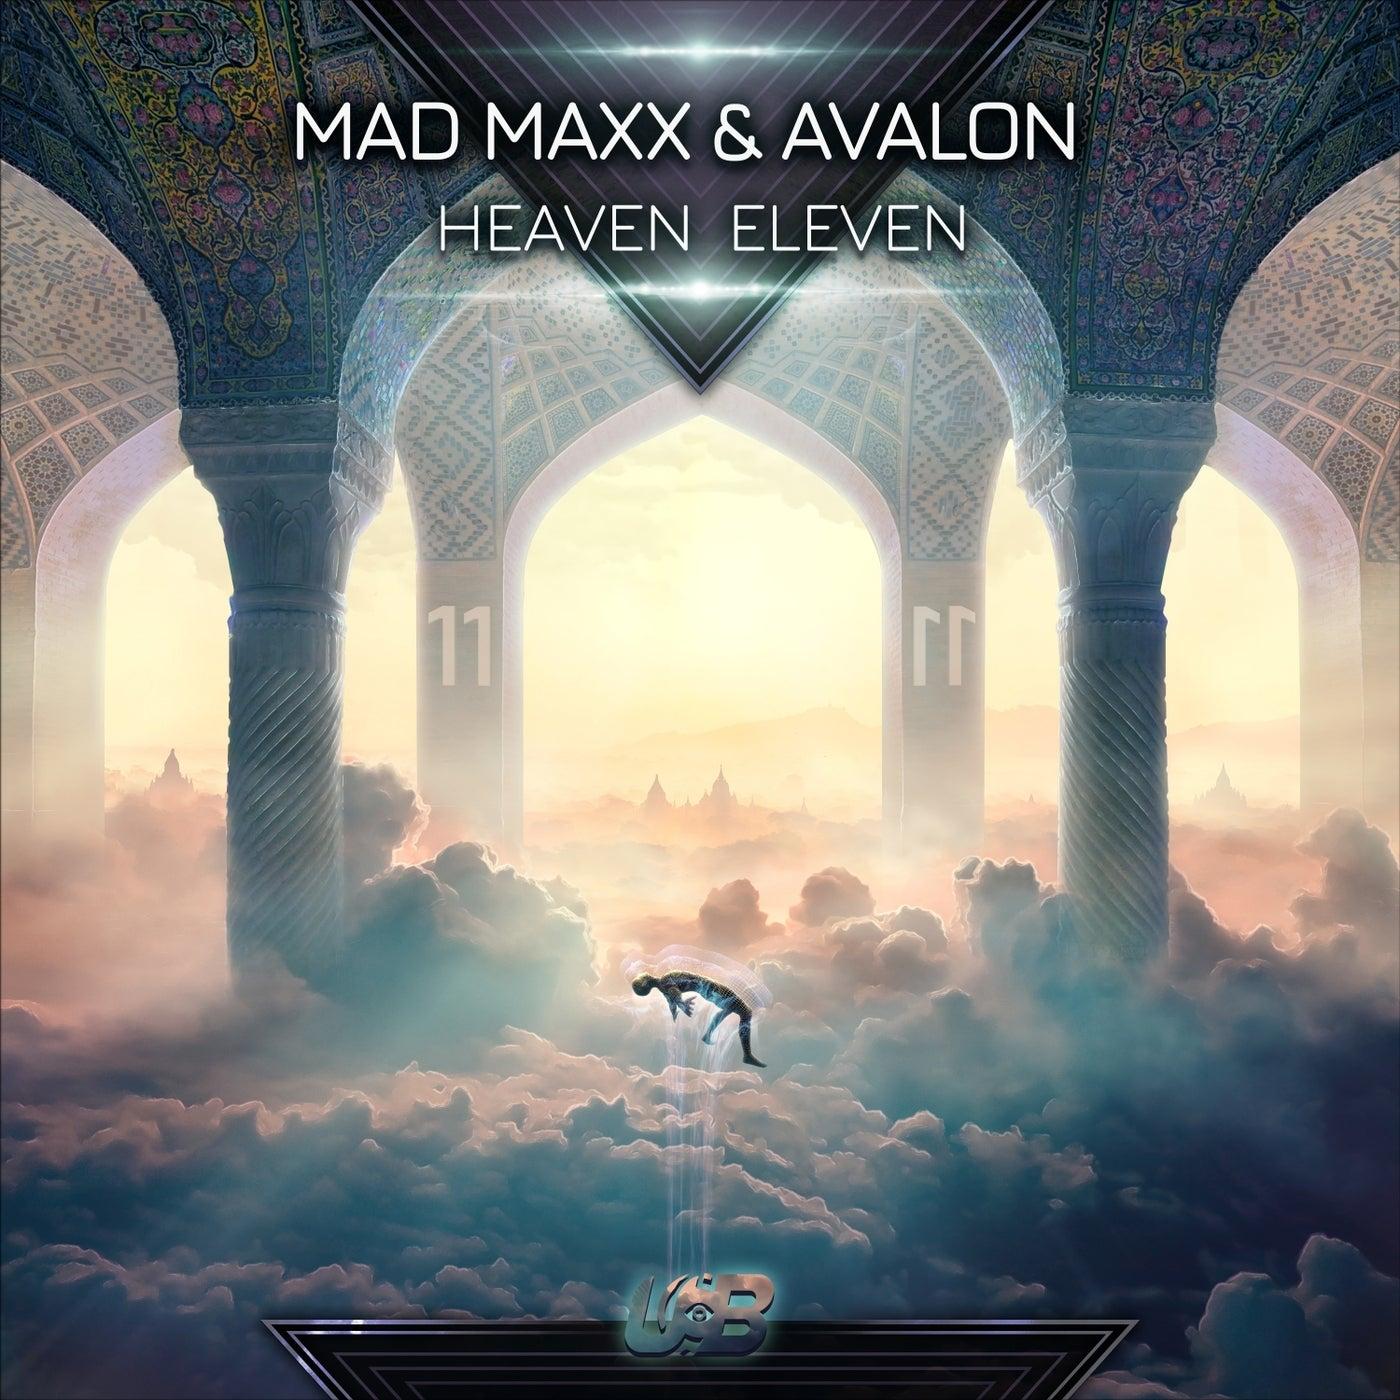 Heaven Eleven (Original Mix)